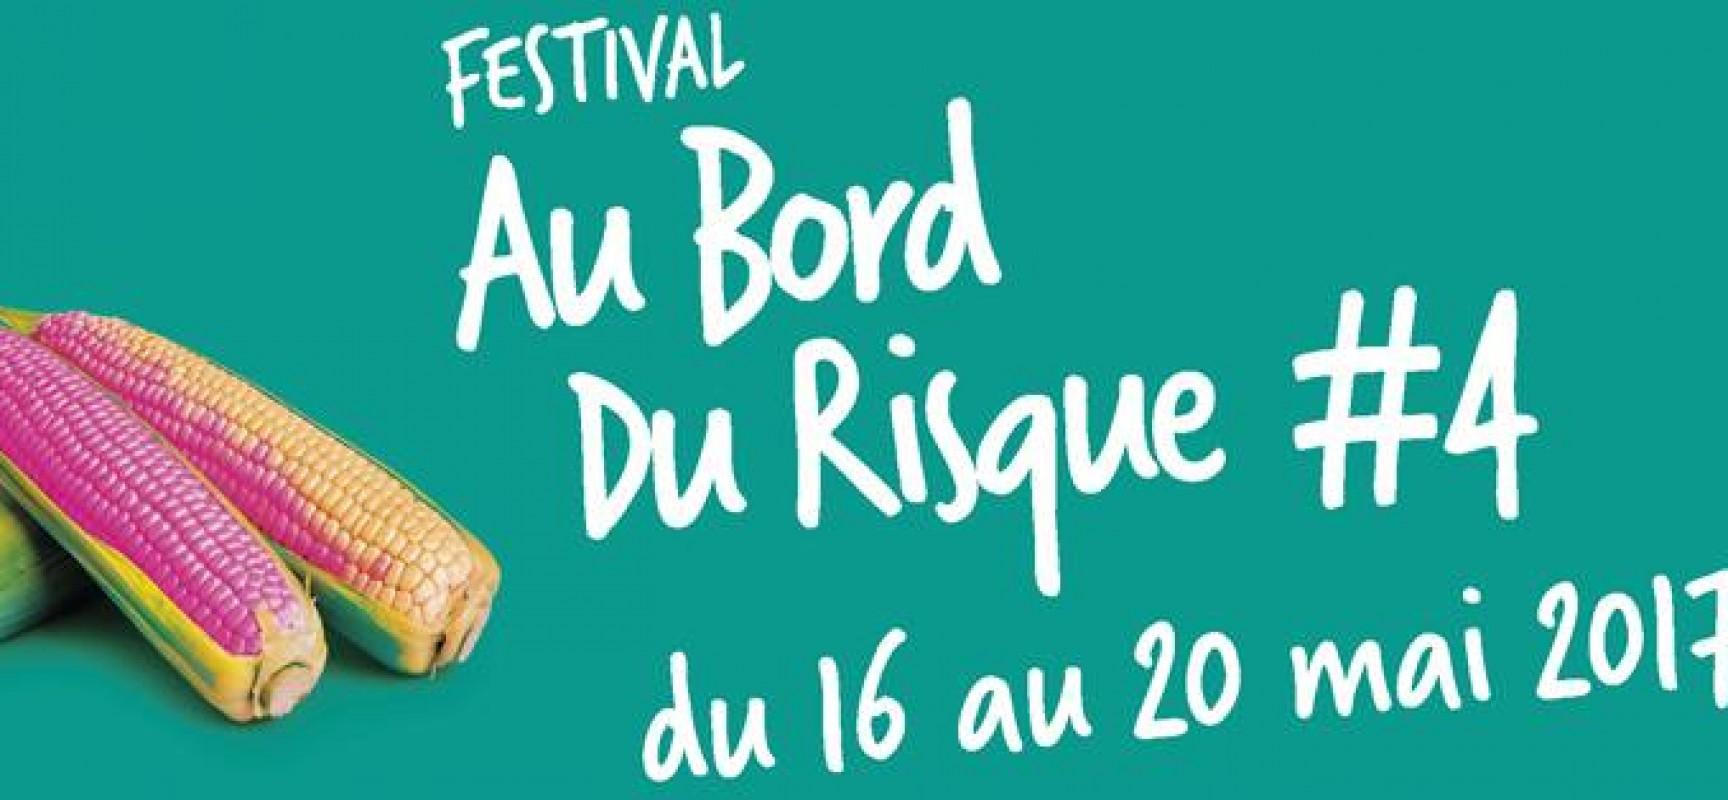 Festival – Au Bord du Risque #4 -